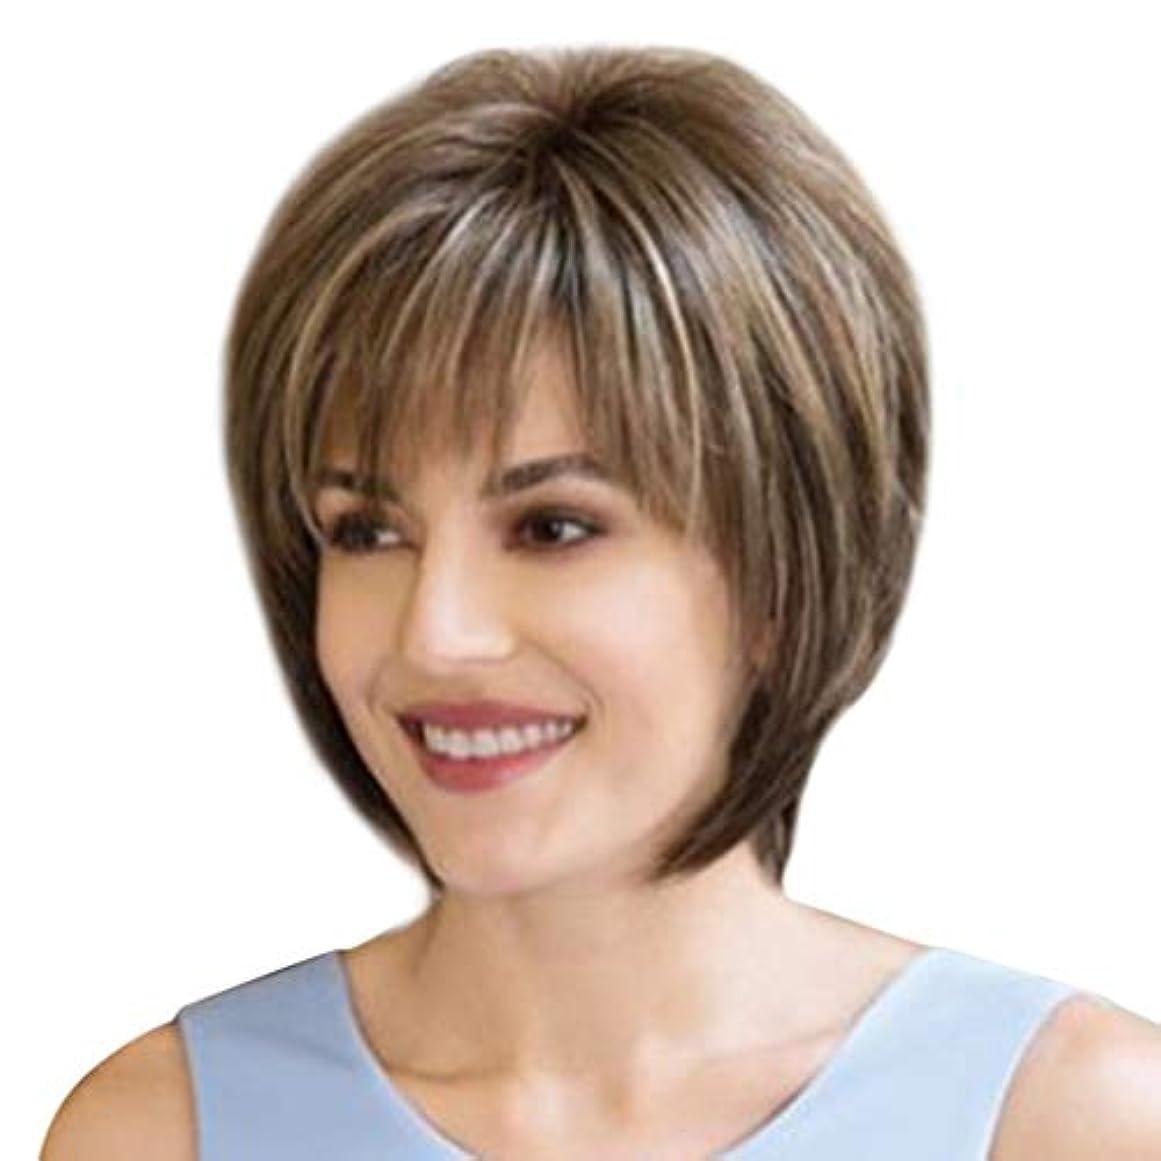 慰め本会議モバイルCinhent 8インチファッション合成ストレートショートレディースウィッグふわふわ染色天然のリアルな髪の毛のかつら女性のファイバー